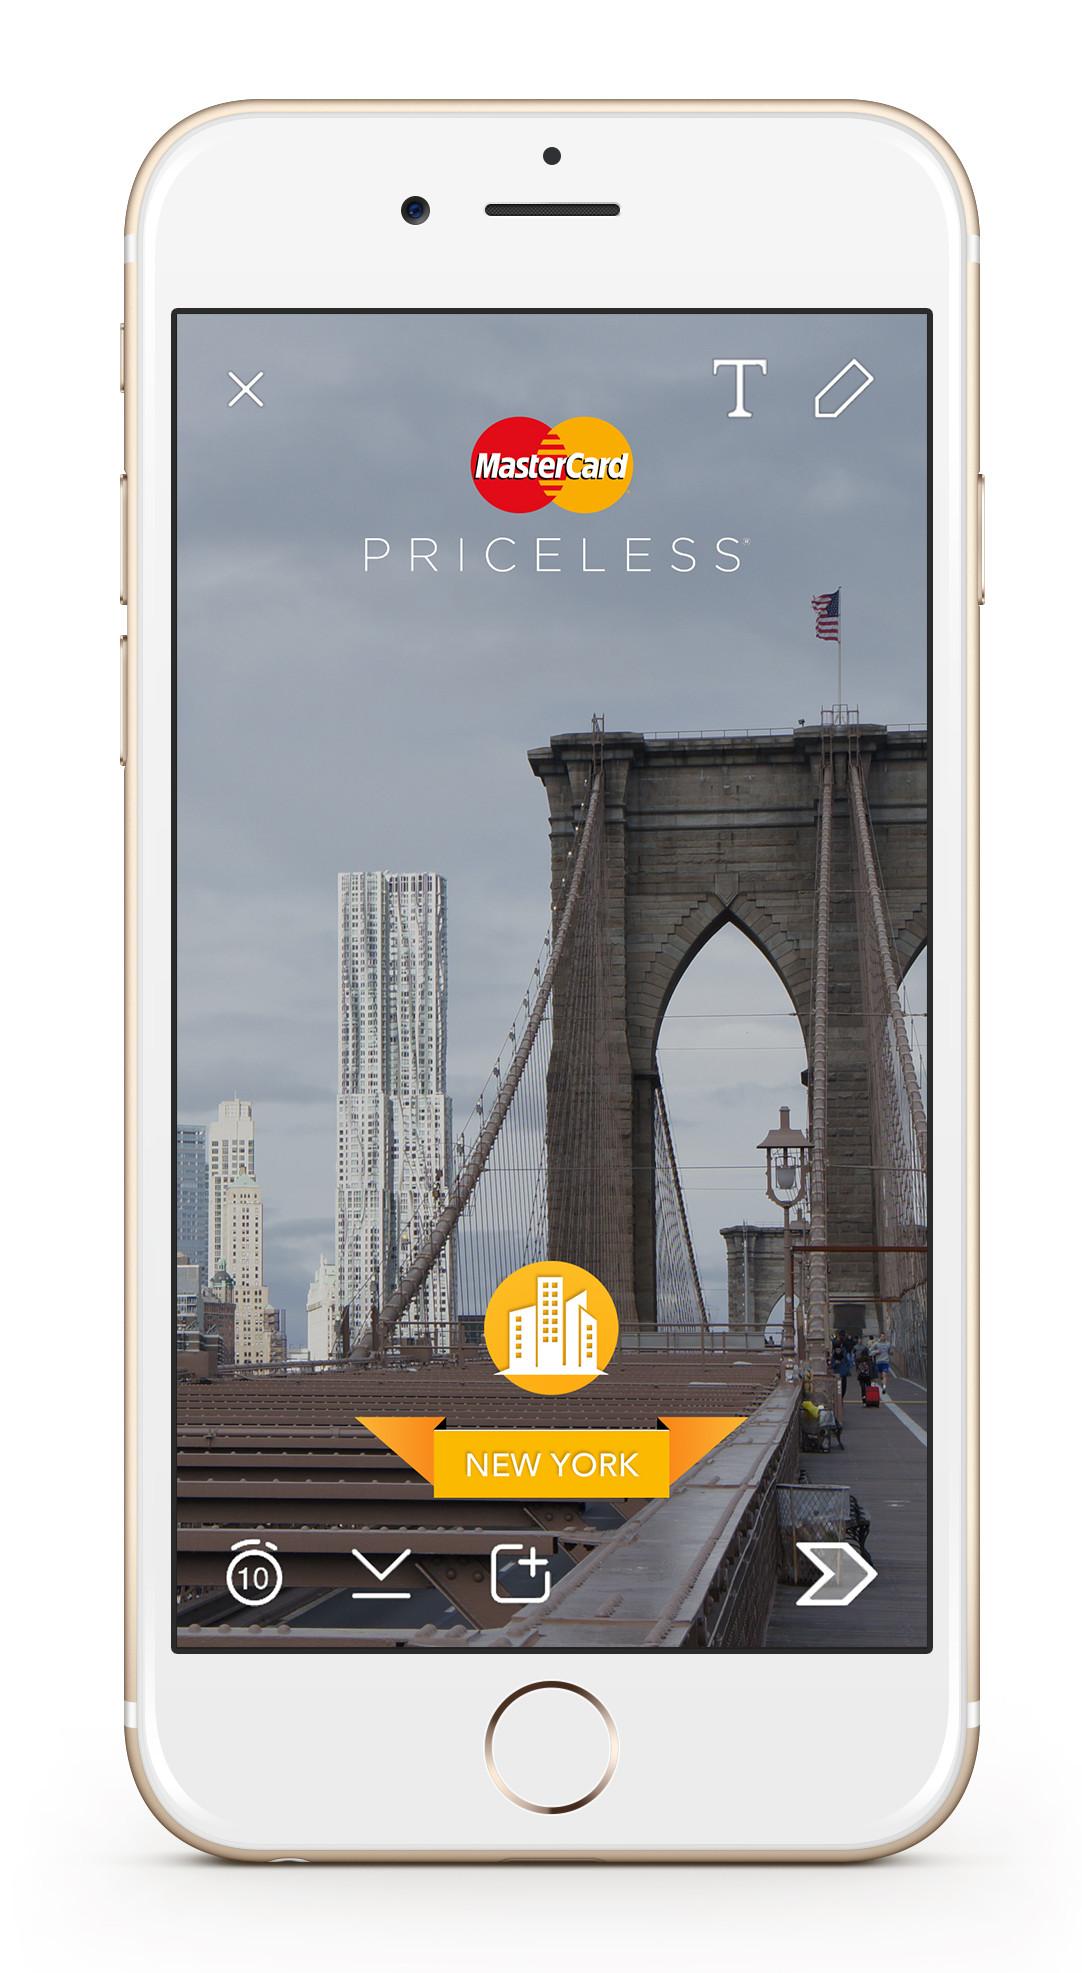 iPhone-Iso-Mastercard-e1436909546244